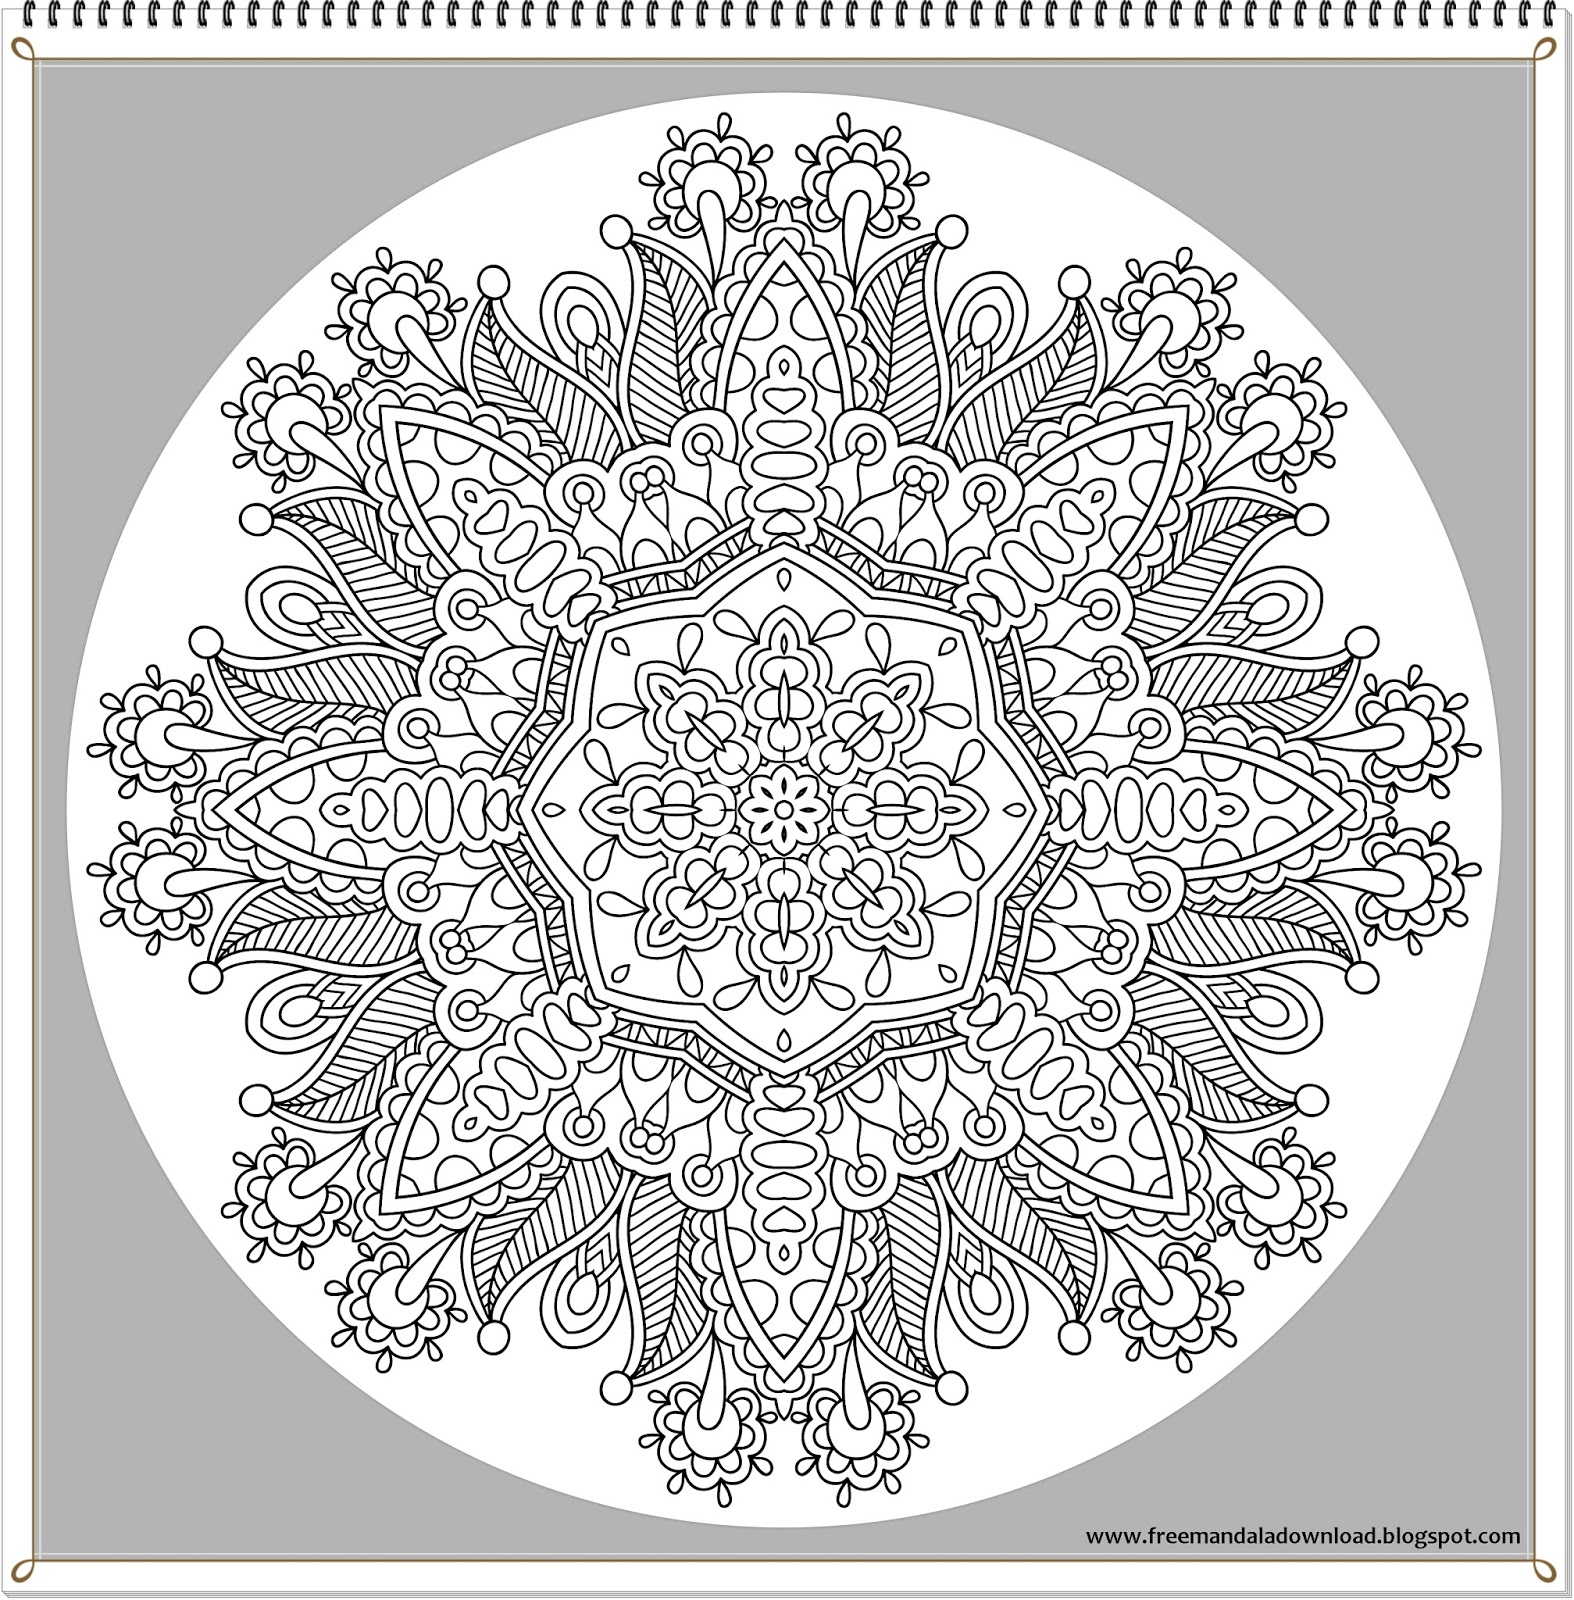 Sehr schwierige Mandalas - Free Mandala